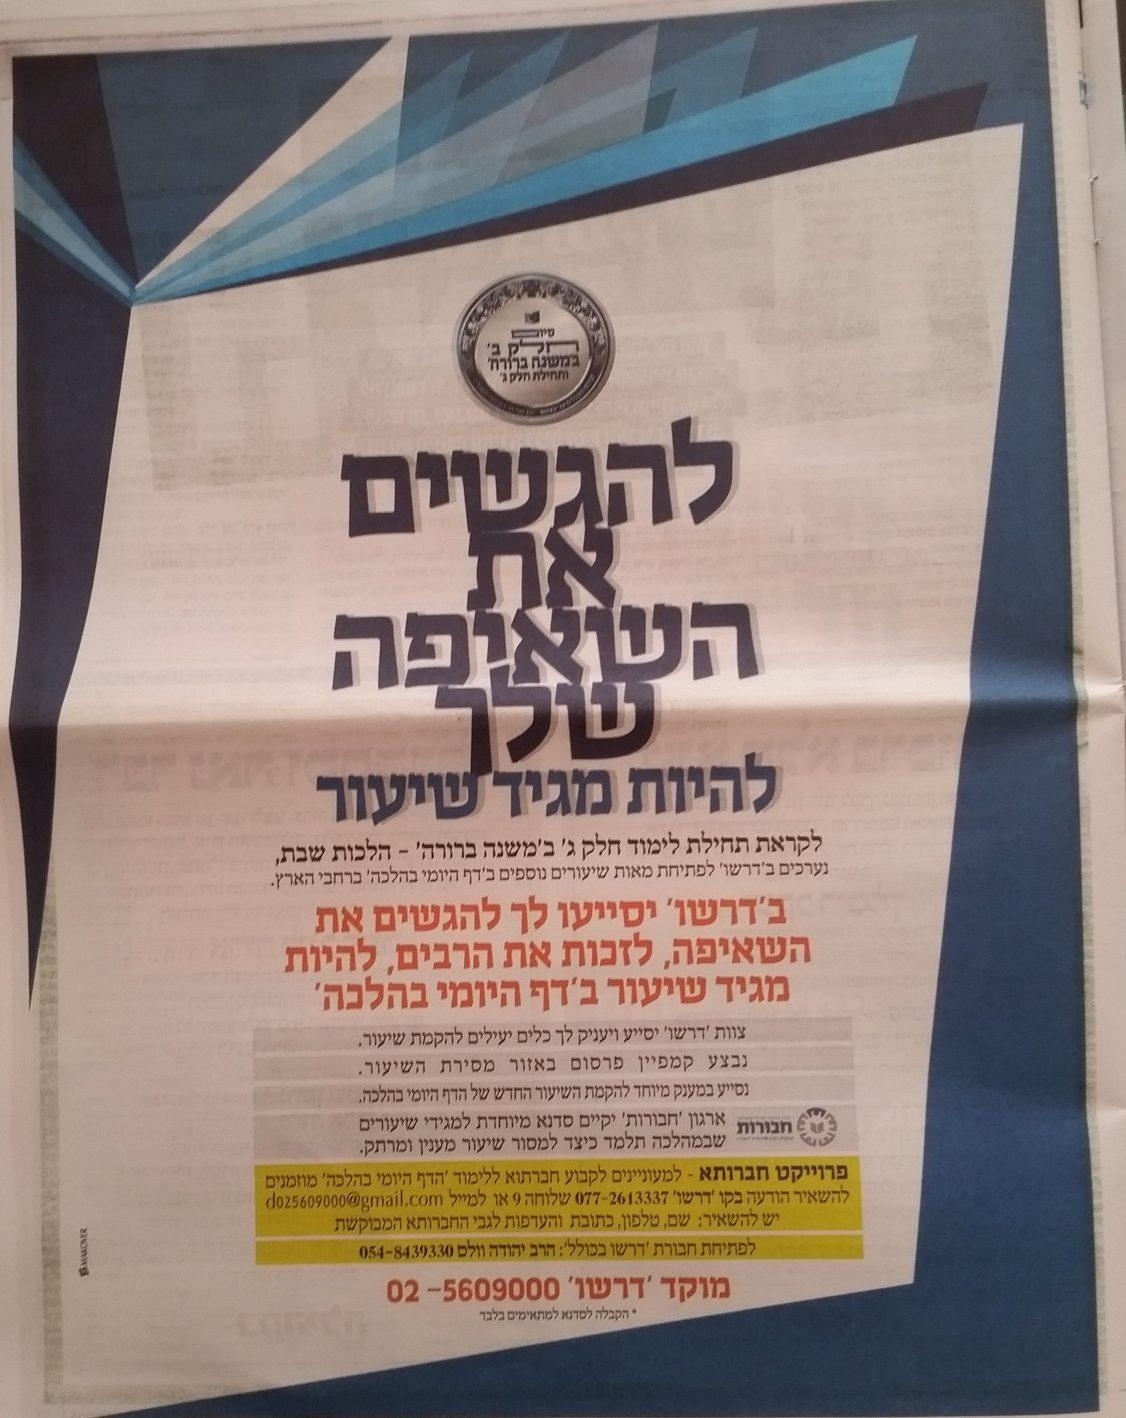 """""""דרשו"""" בקמפיין בינלאומי: מה ההבדל בין הקמפיין הישראלי לארגנטינאי? 1"""